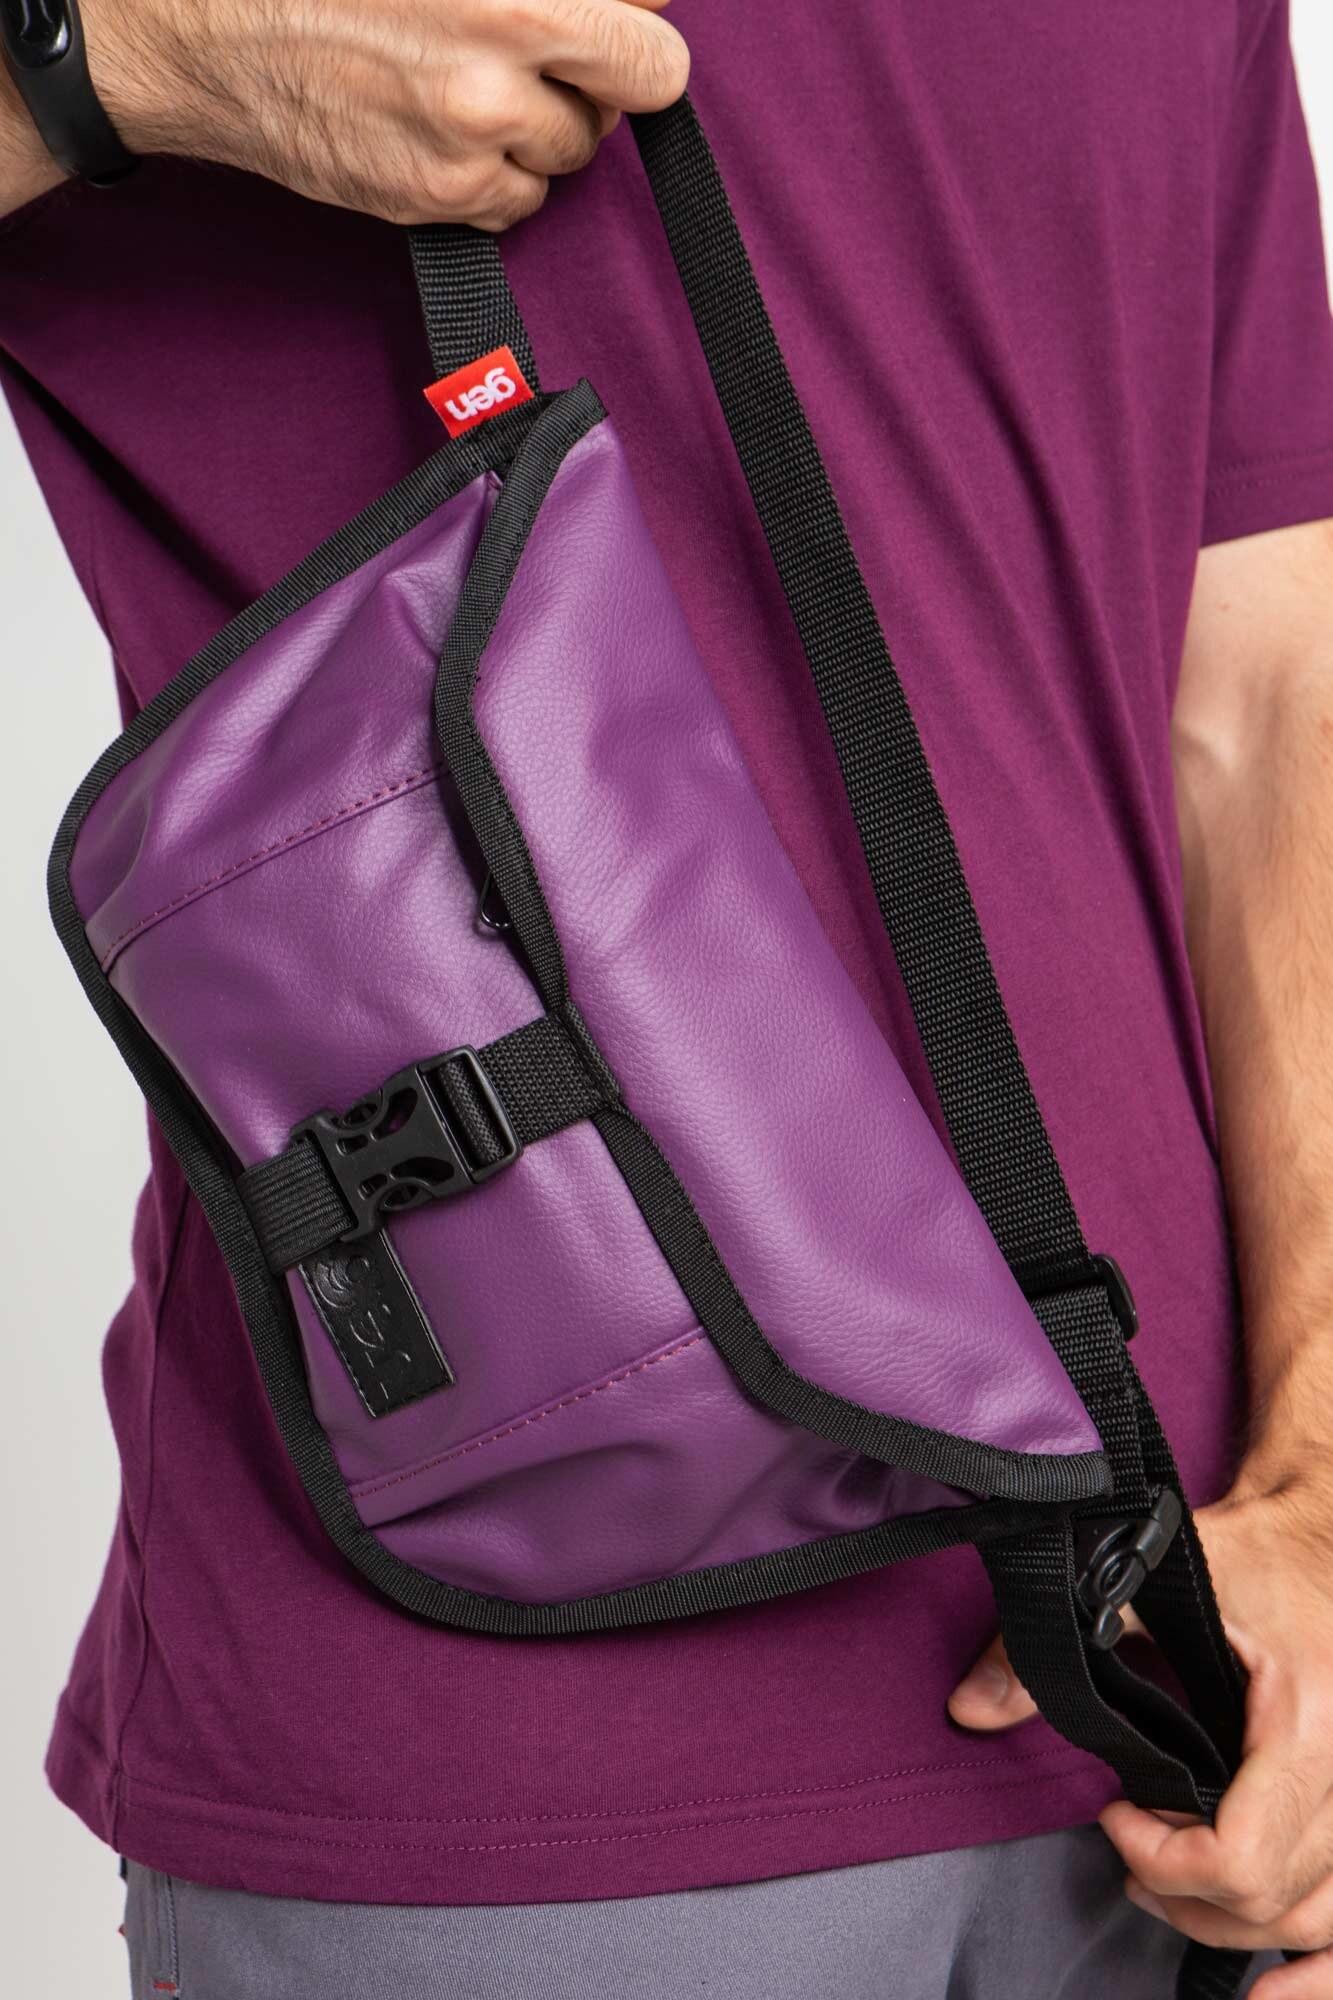 Прямоугольная поясная сумка бананка фиолетового цвета с клапаном